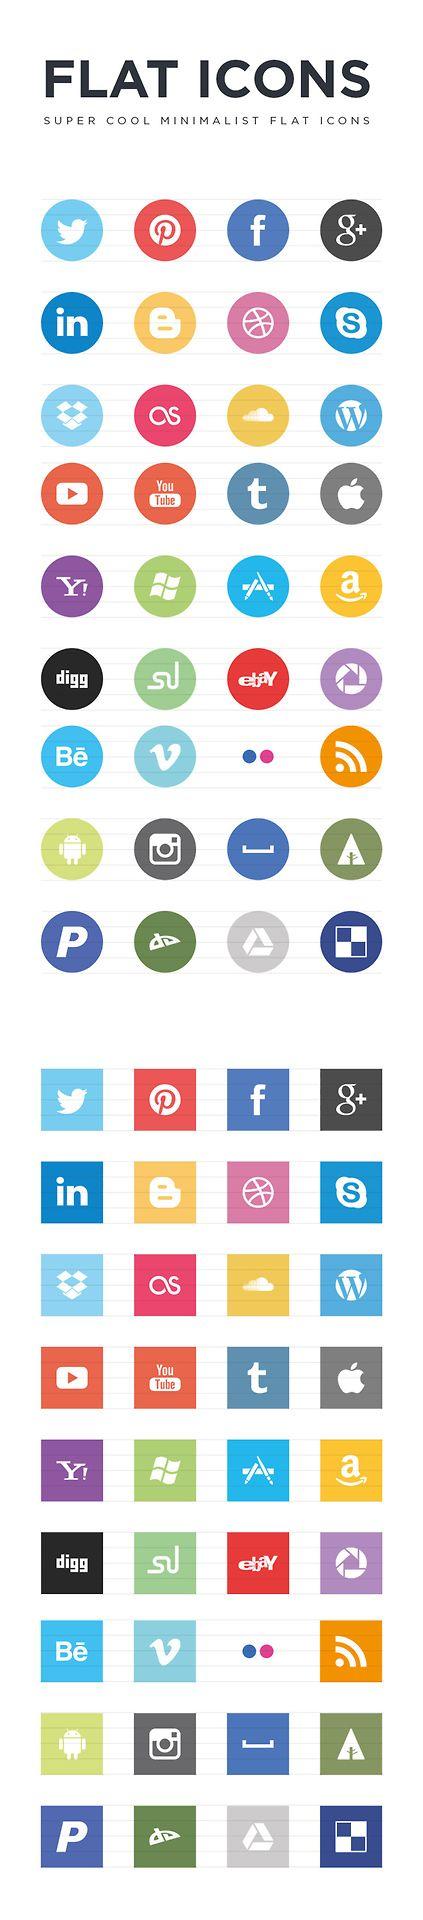 Iconos de redes sociales gratis